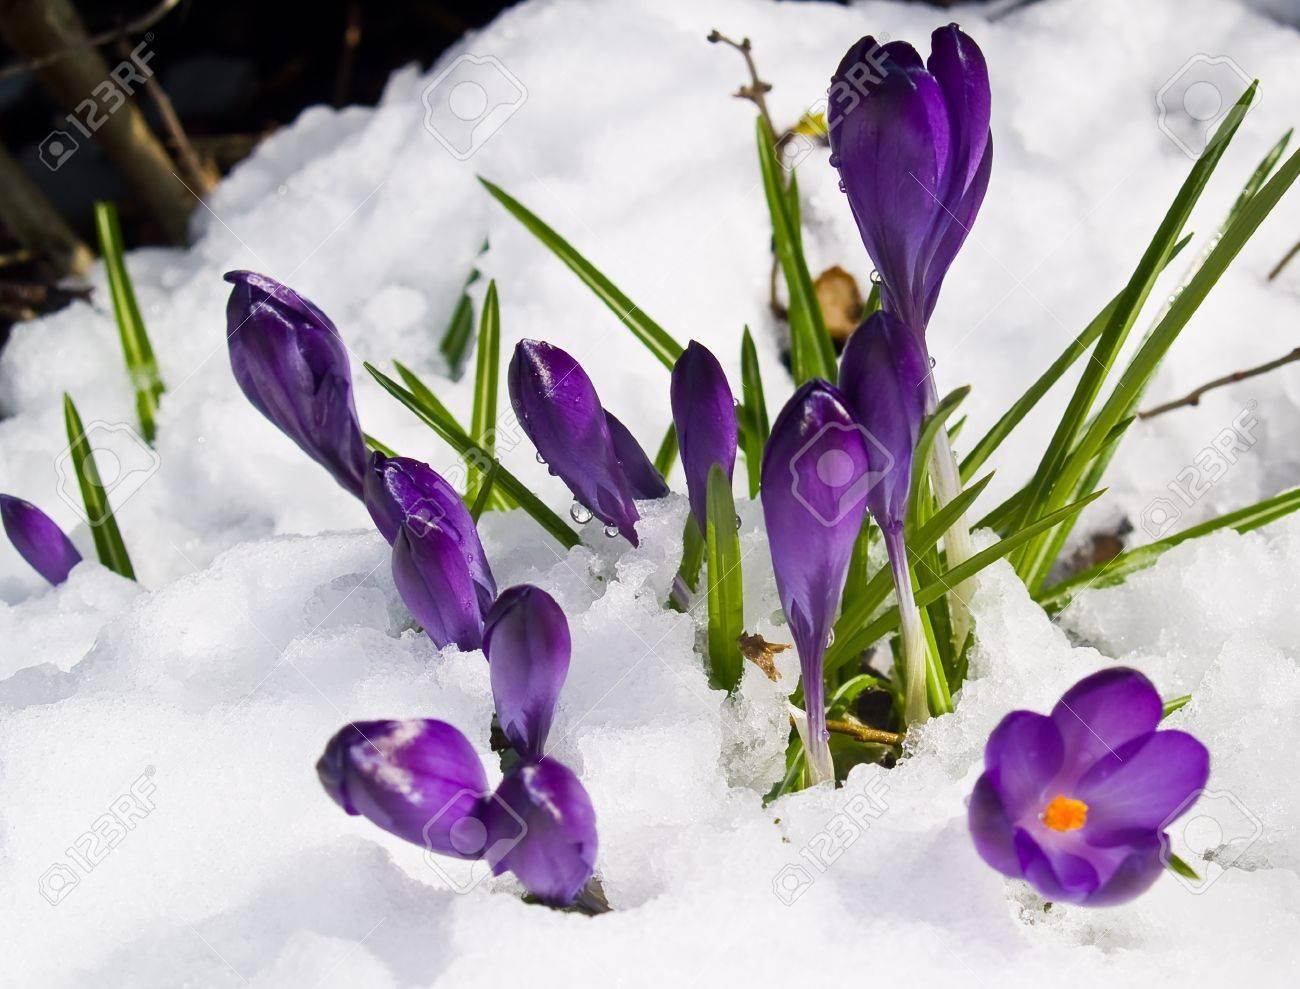 Purple Crocuses Poking Through the Snow in Springtime Stock Photo - 8913124